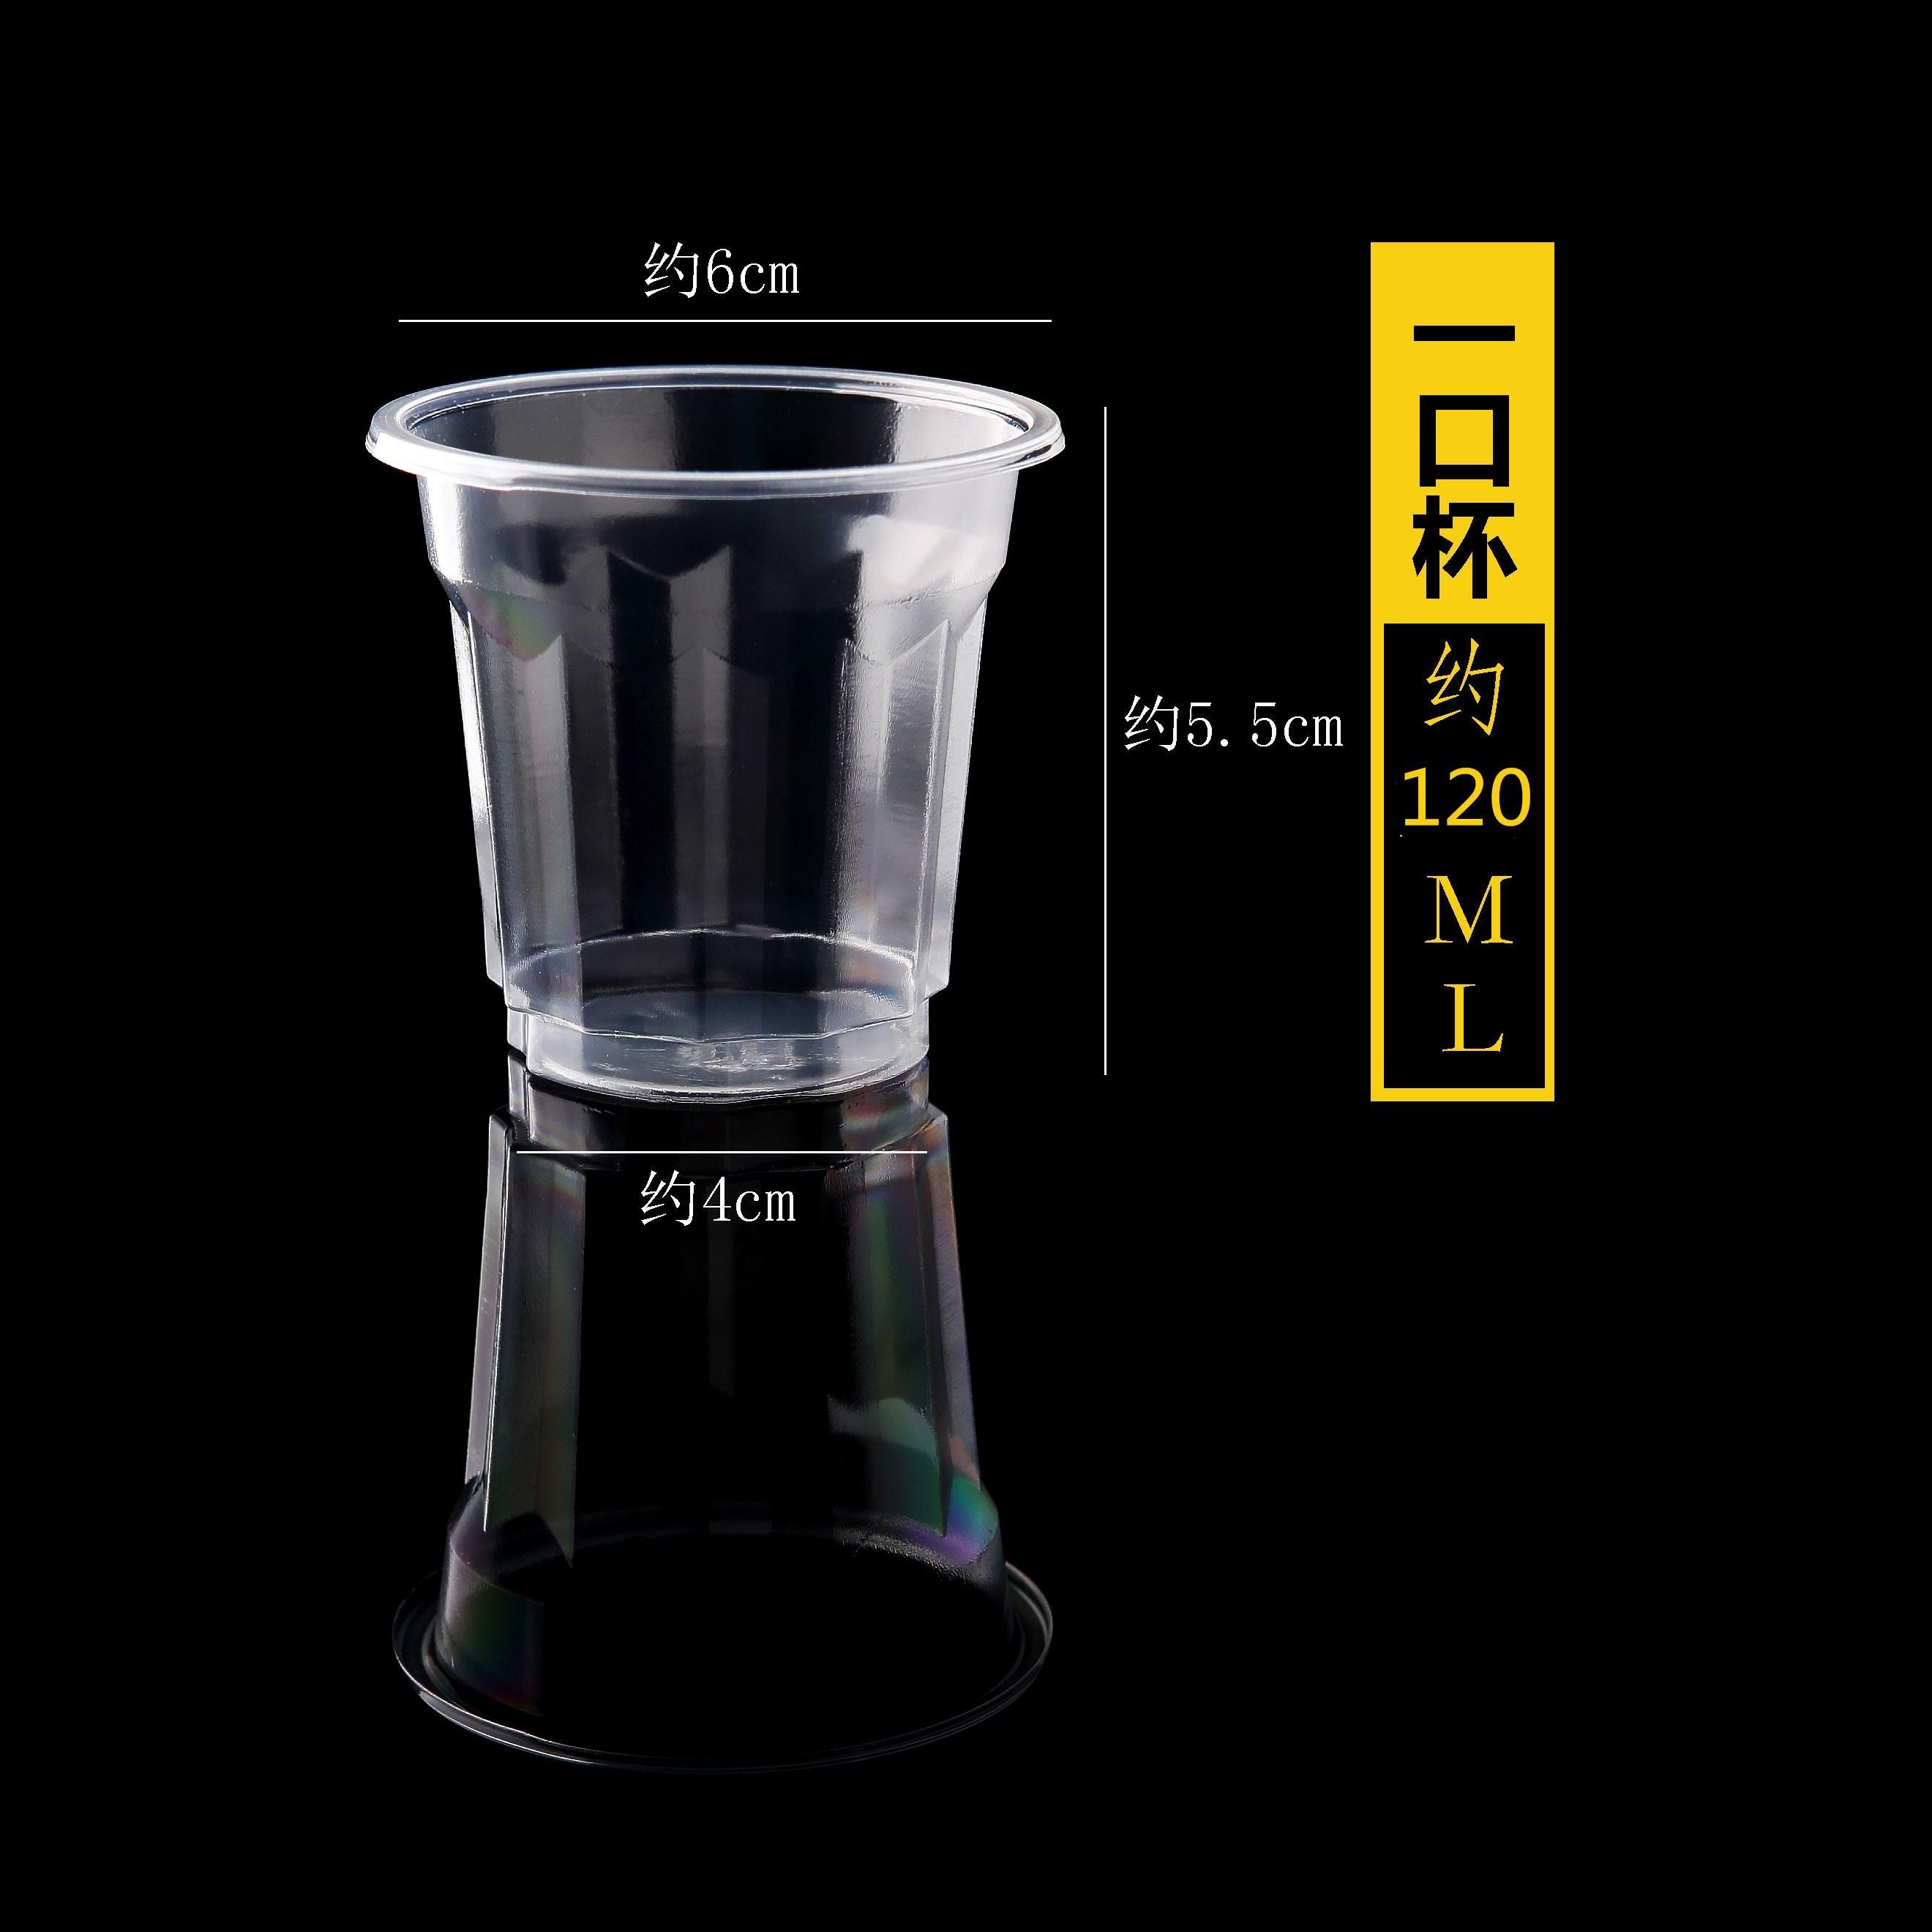 一次性杯子塑料杯加厚航空杯茶水杯家用160-1700只整箱包邮